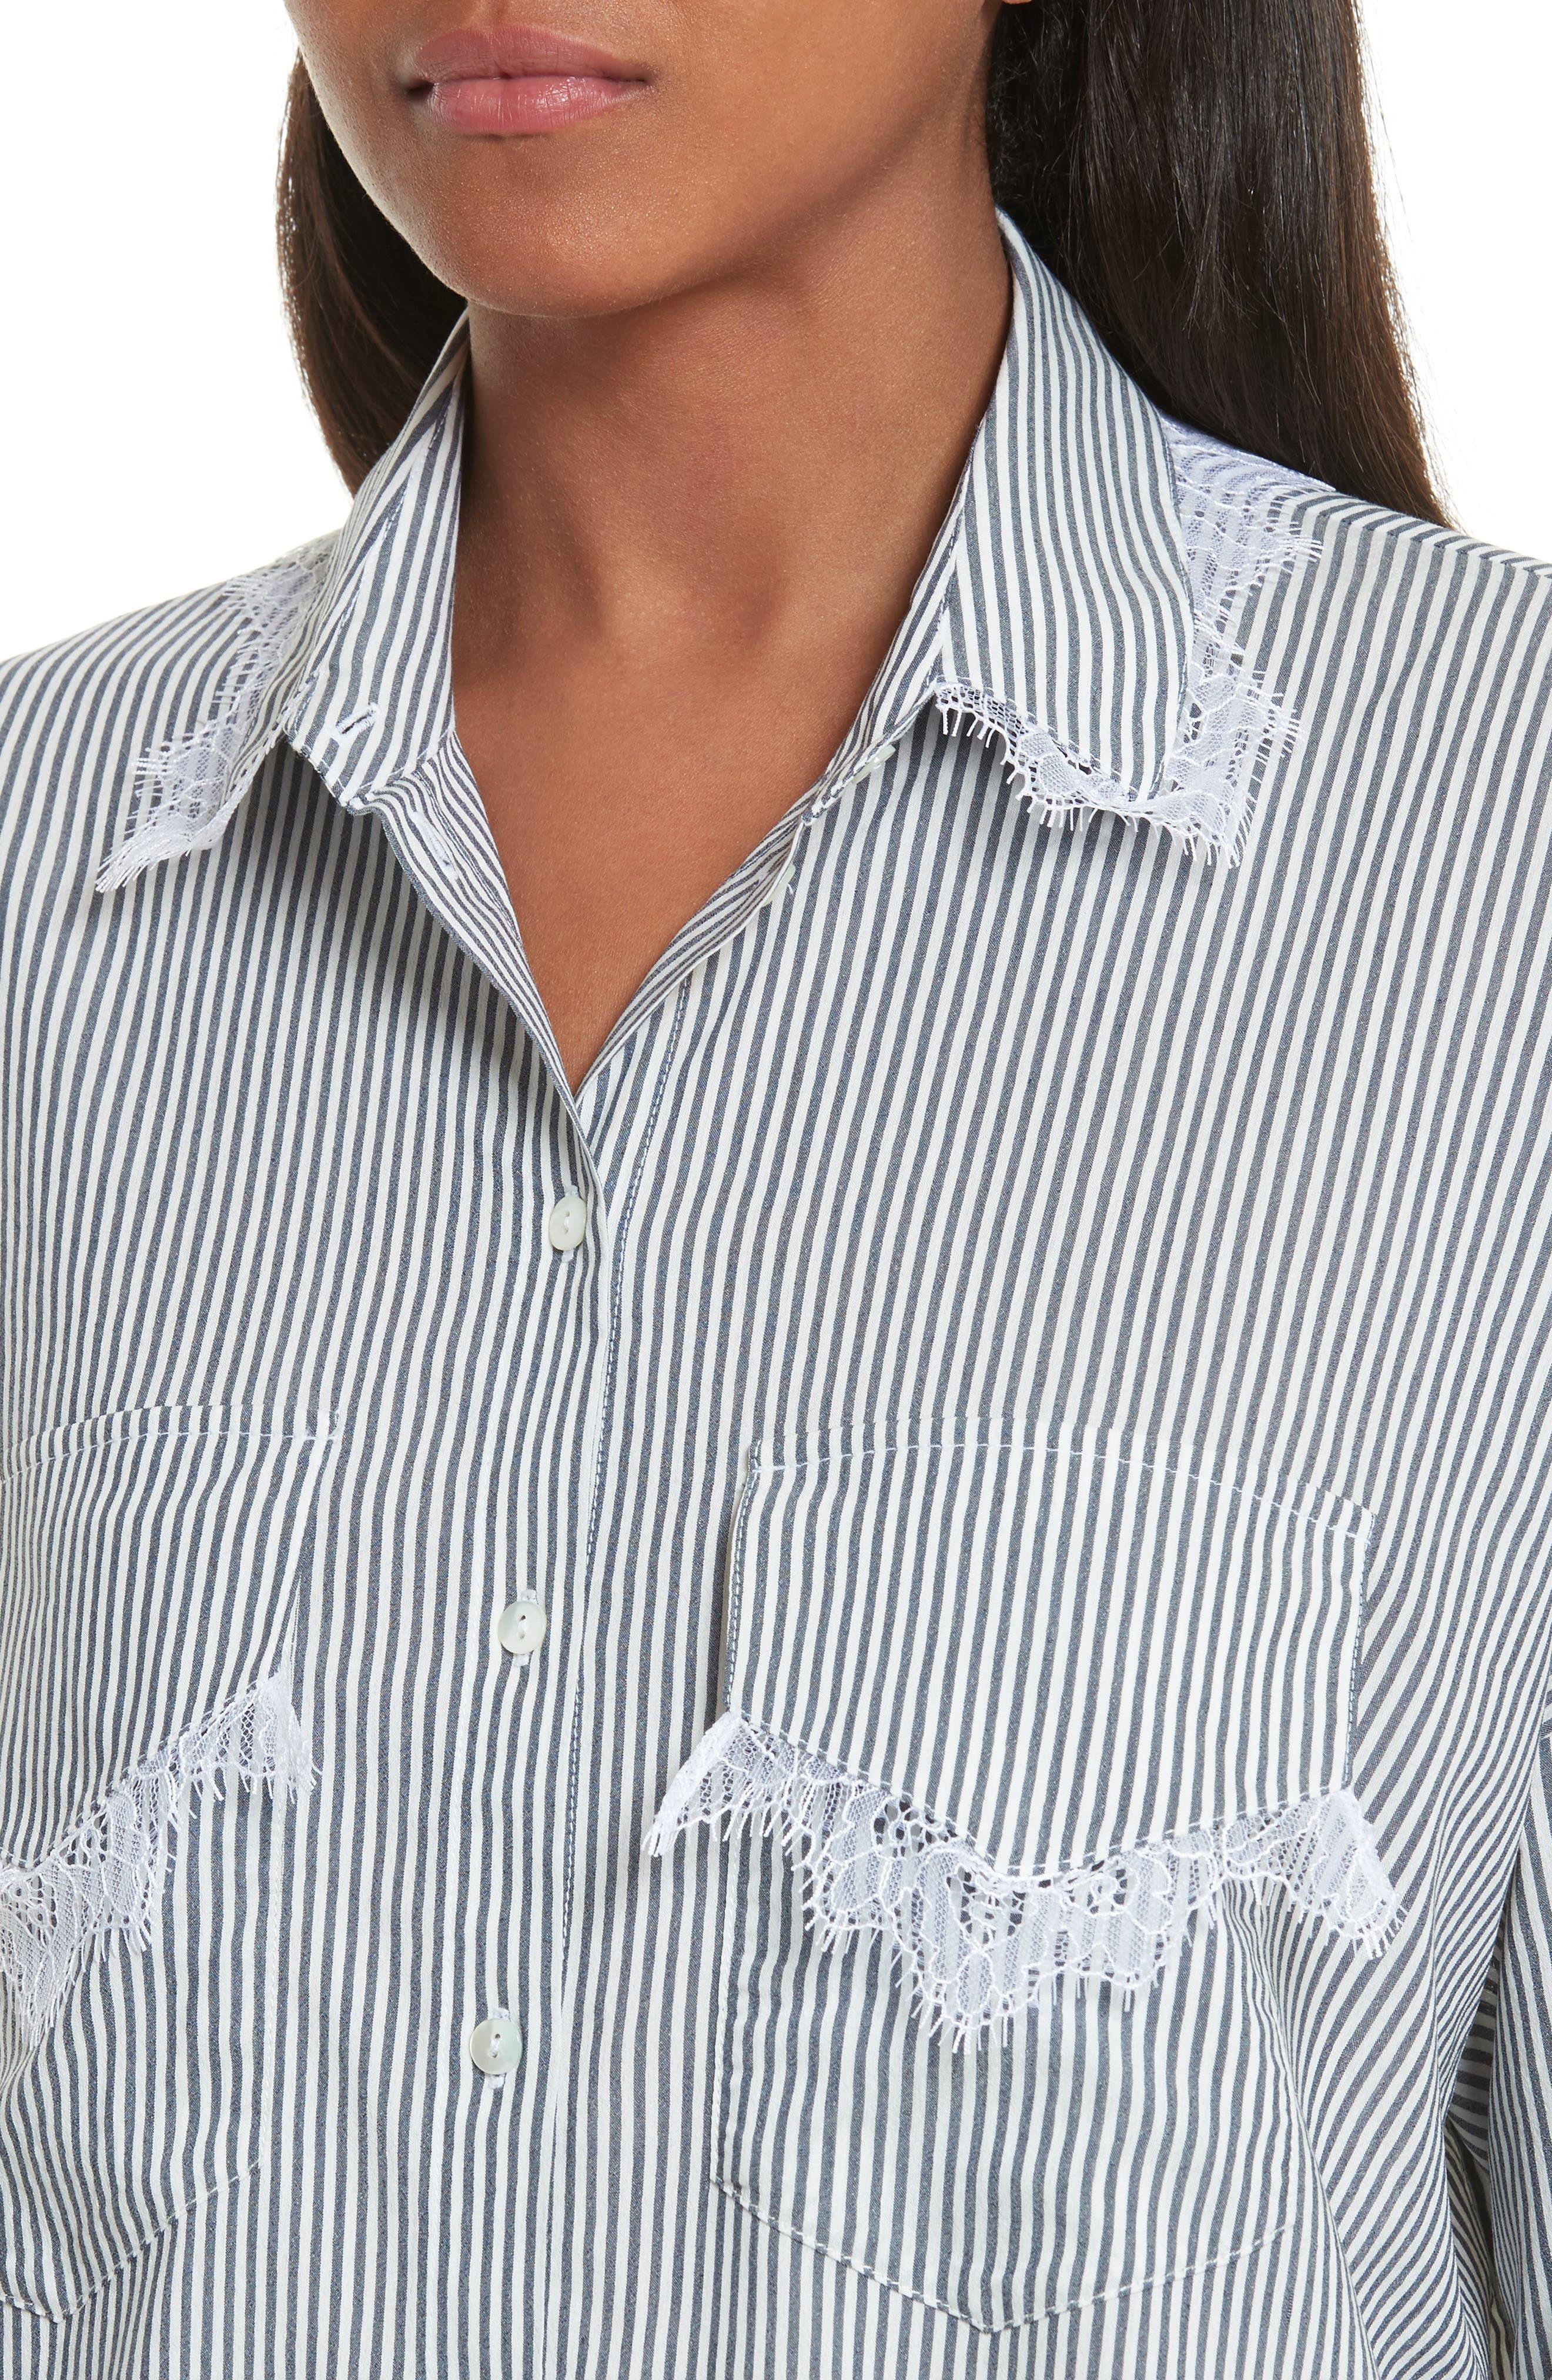 James Lace Trim Stripe Shirt,                             Alternate thumbnail 4, color,                             400